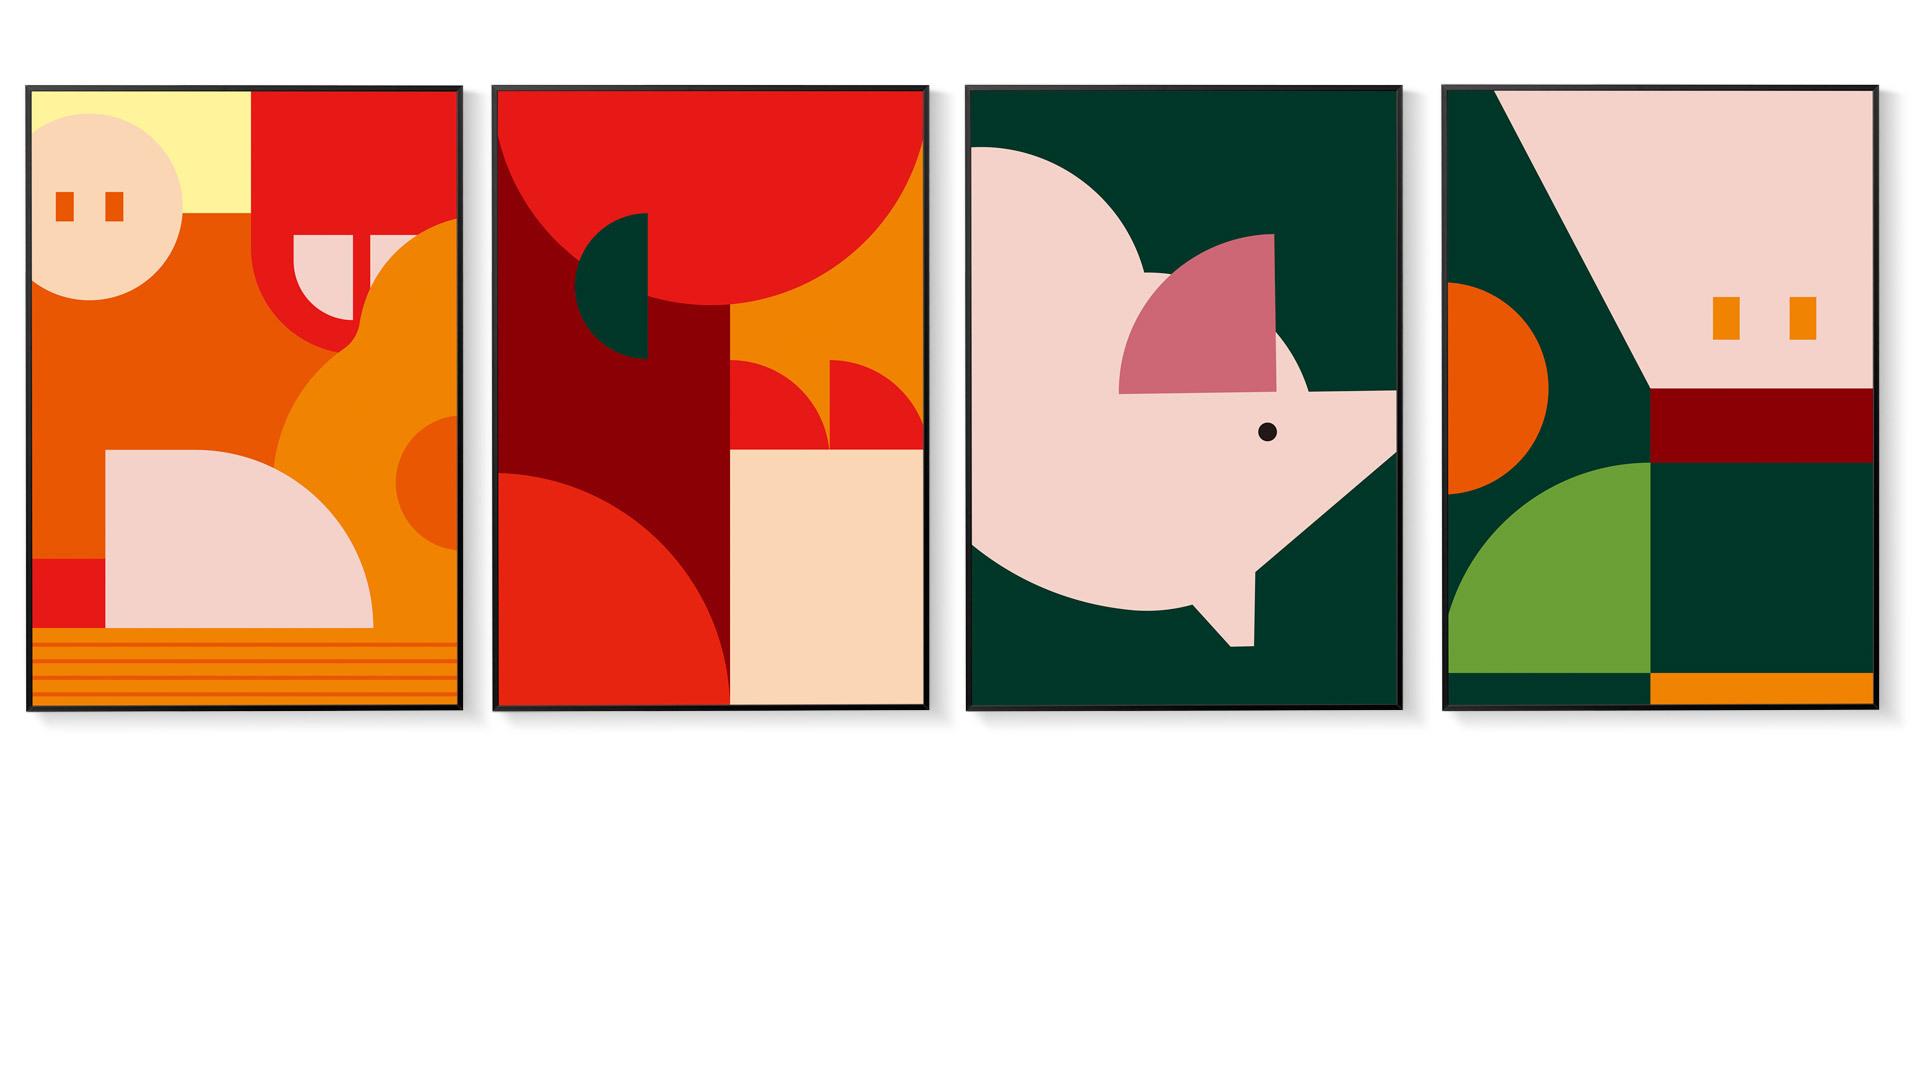 色块交叠,4种青春表情